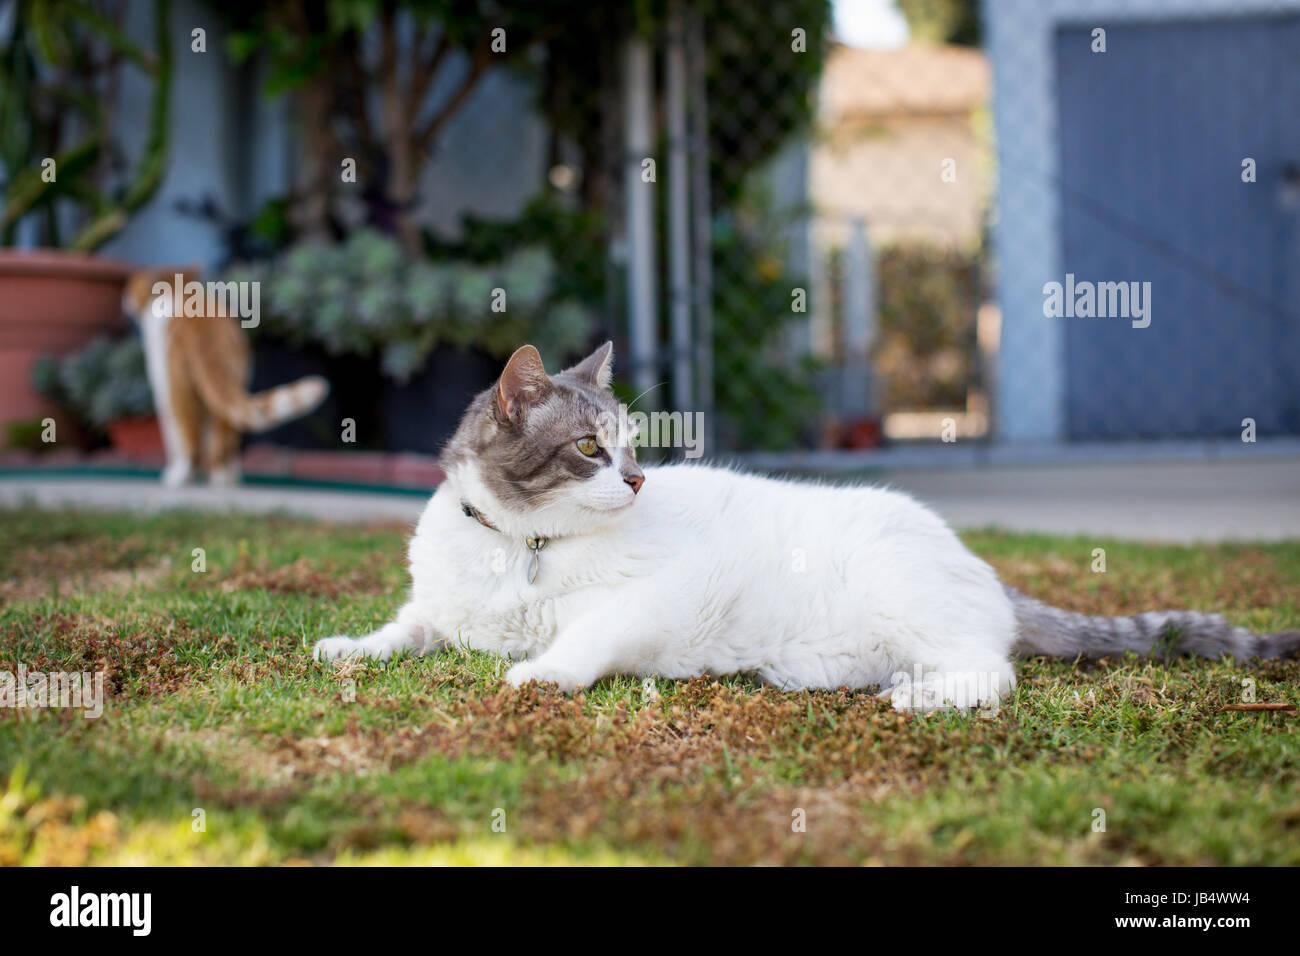 Deux chats à la recherche de contenu et détendue dans une cour avant ou de votre quartier. La fin de journée, Photo Stock